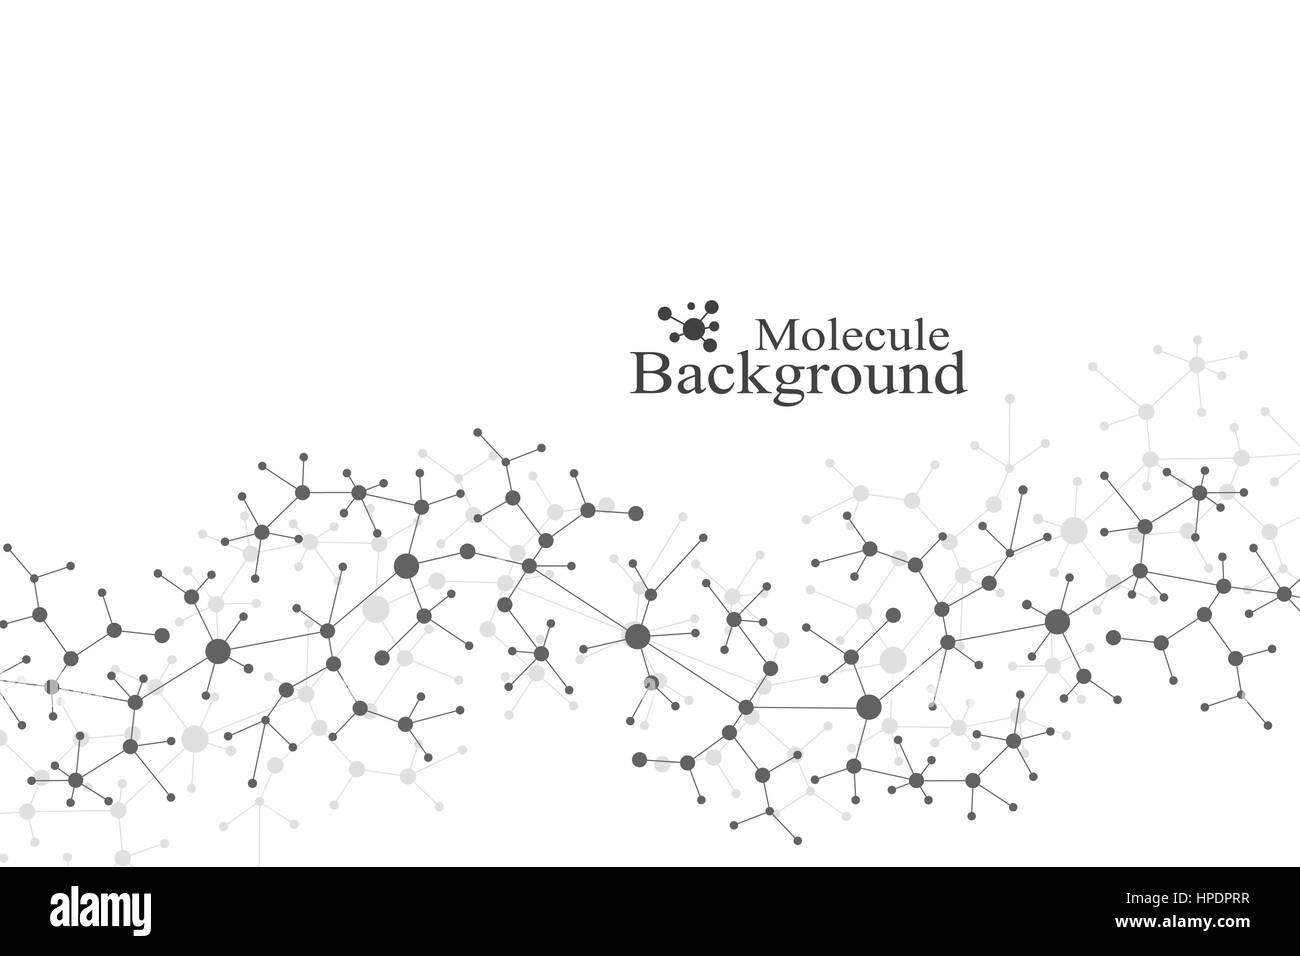 wissenschaftliche chemie muster struktur molekl dna forschung als konzept wissenschaft und technik hintergrund kommunikation - Konzept Muster